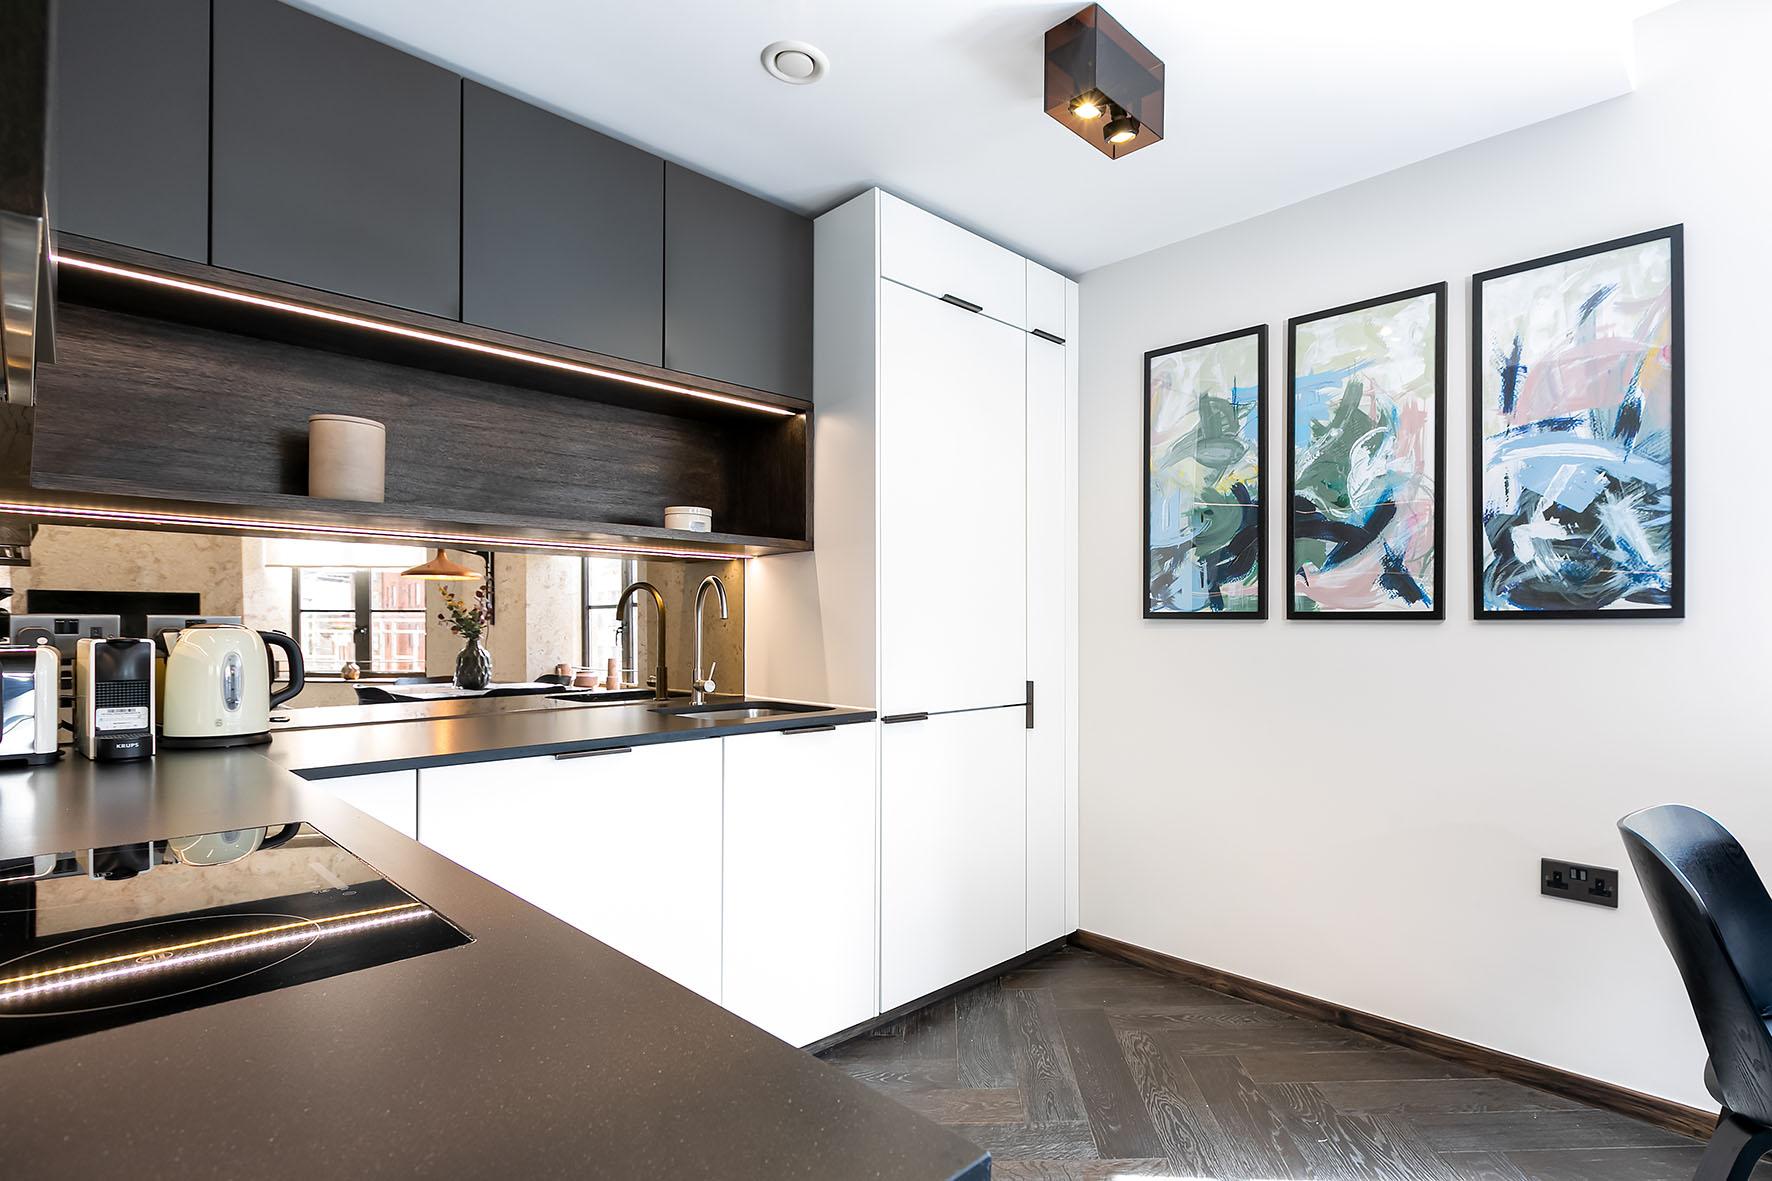 Lovelydays luxury service apartment rental - London - Soho - Noel Street VI - Lovelysuite - 2 bedrooms - 2 bathrooms - Luxury kitchen - 78936ff4761c - Lovelydays